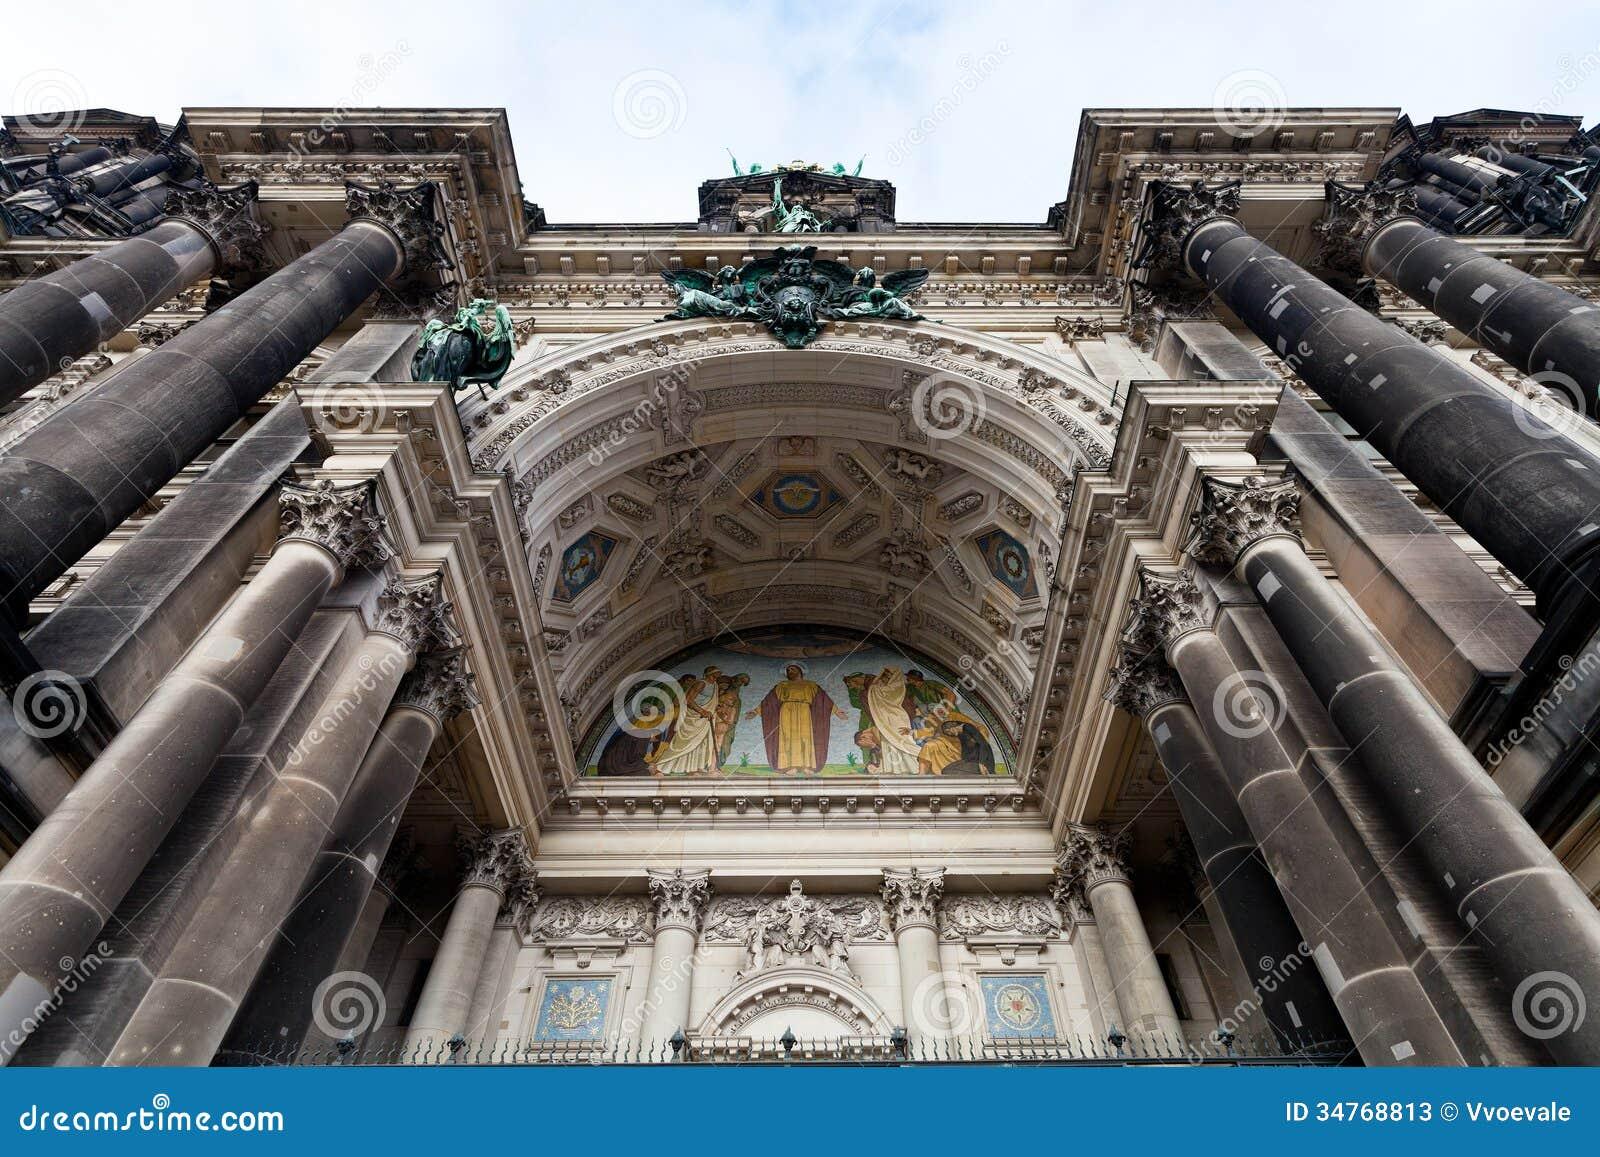 Decoratie van ingang in berliner dom stock afbeelding afbeelding 34768813 - Decoratie gang ingang ...